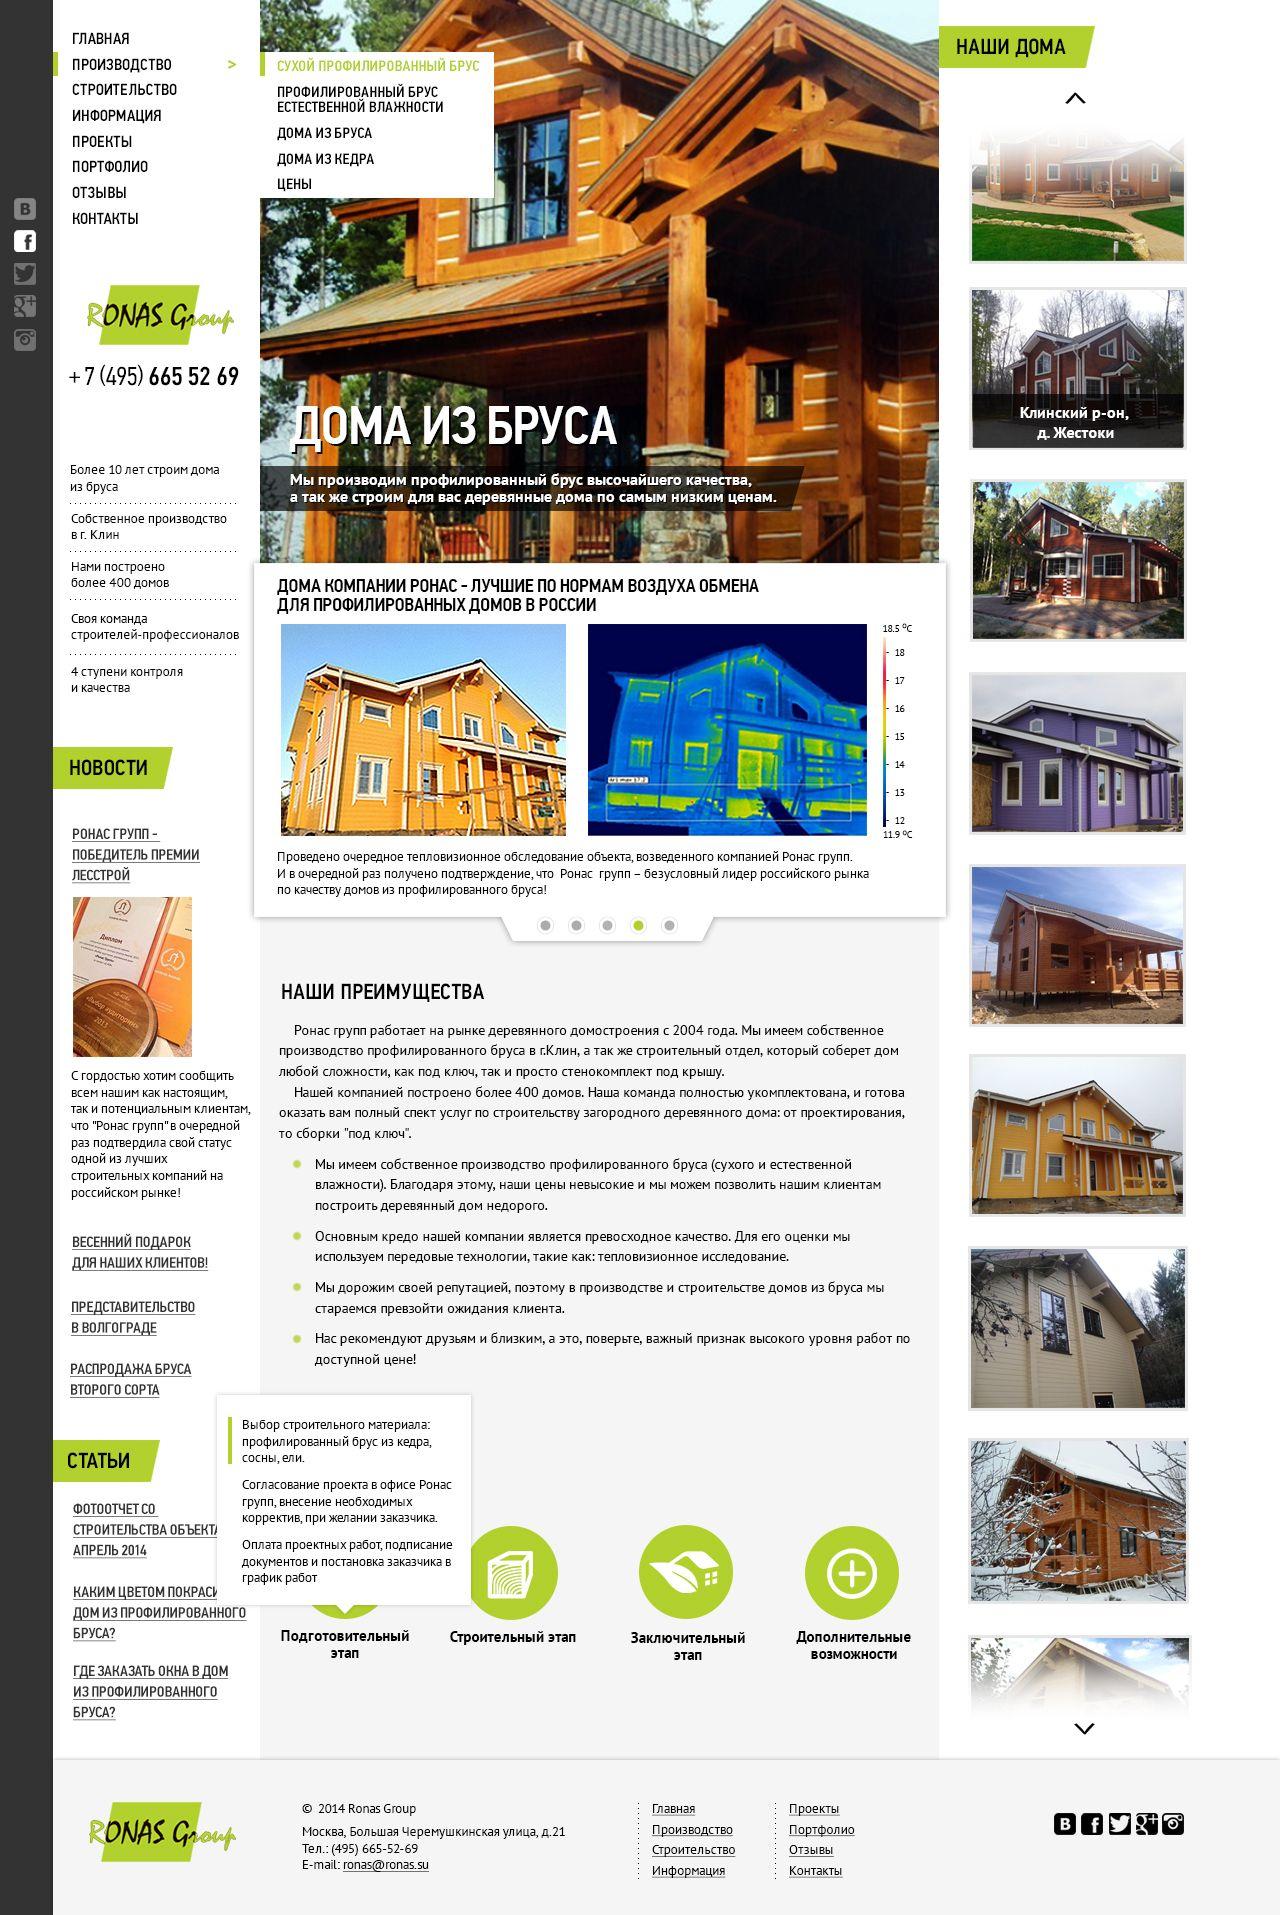 Редизайн сайта производителя домов - дизайнер chapel